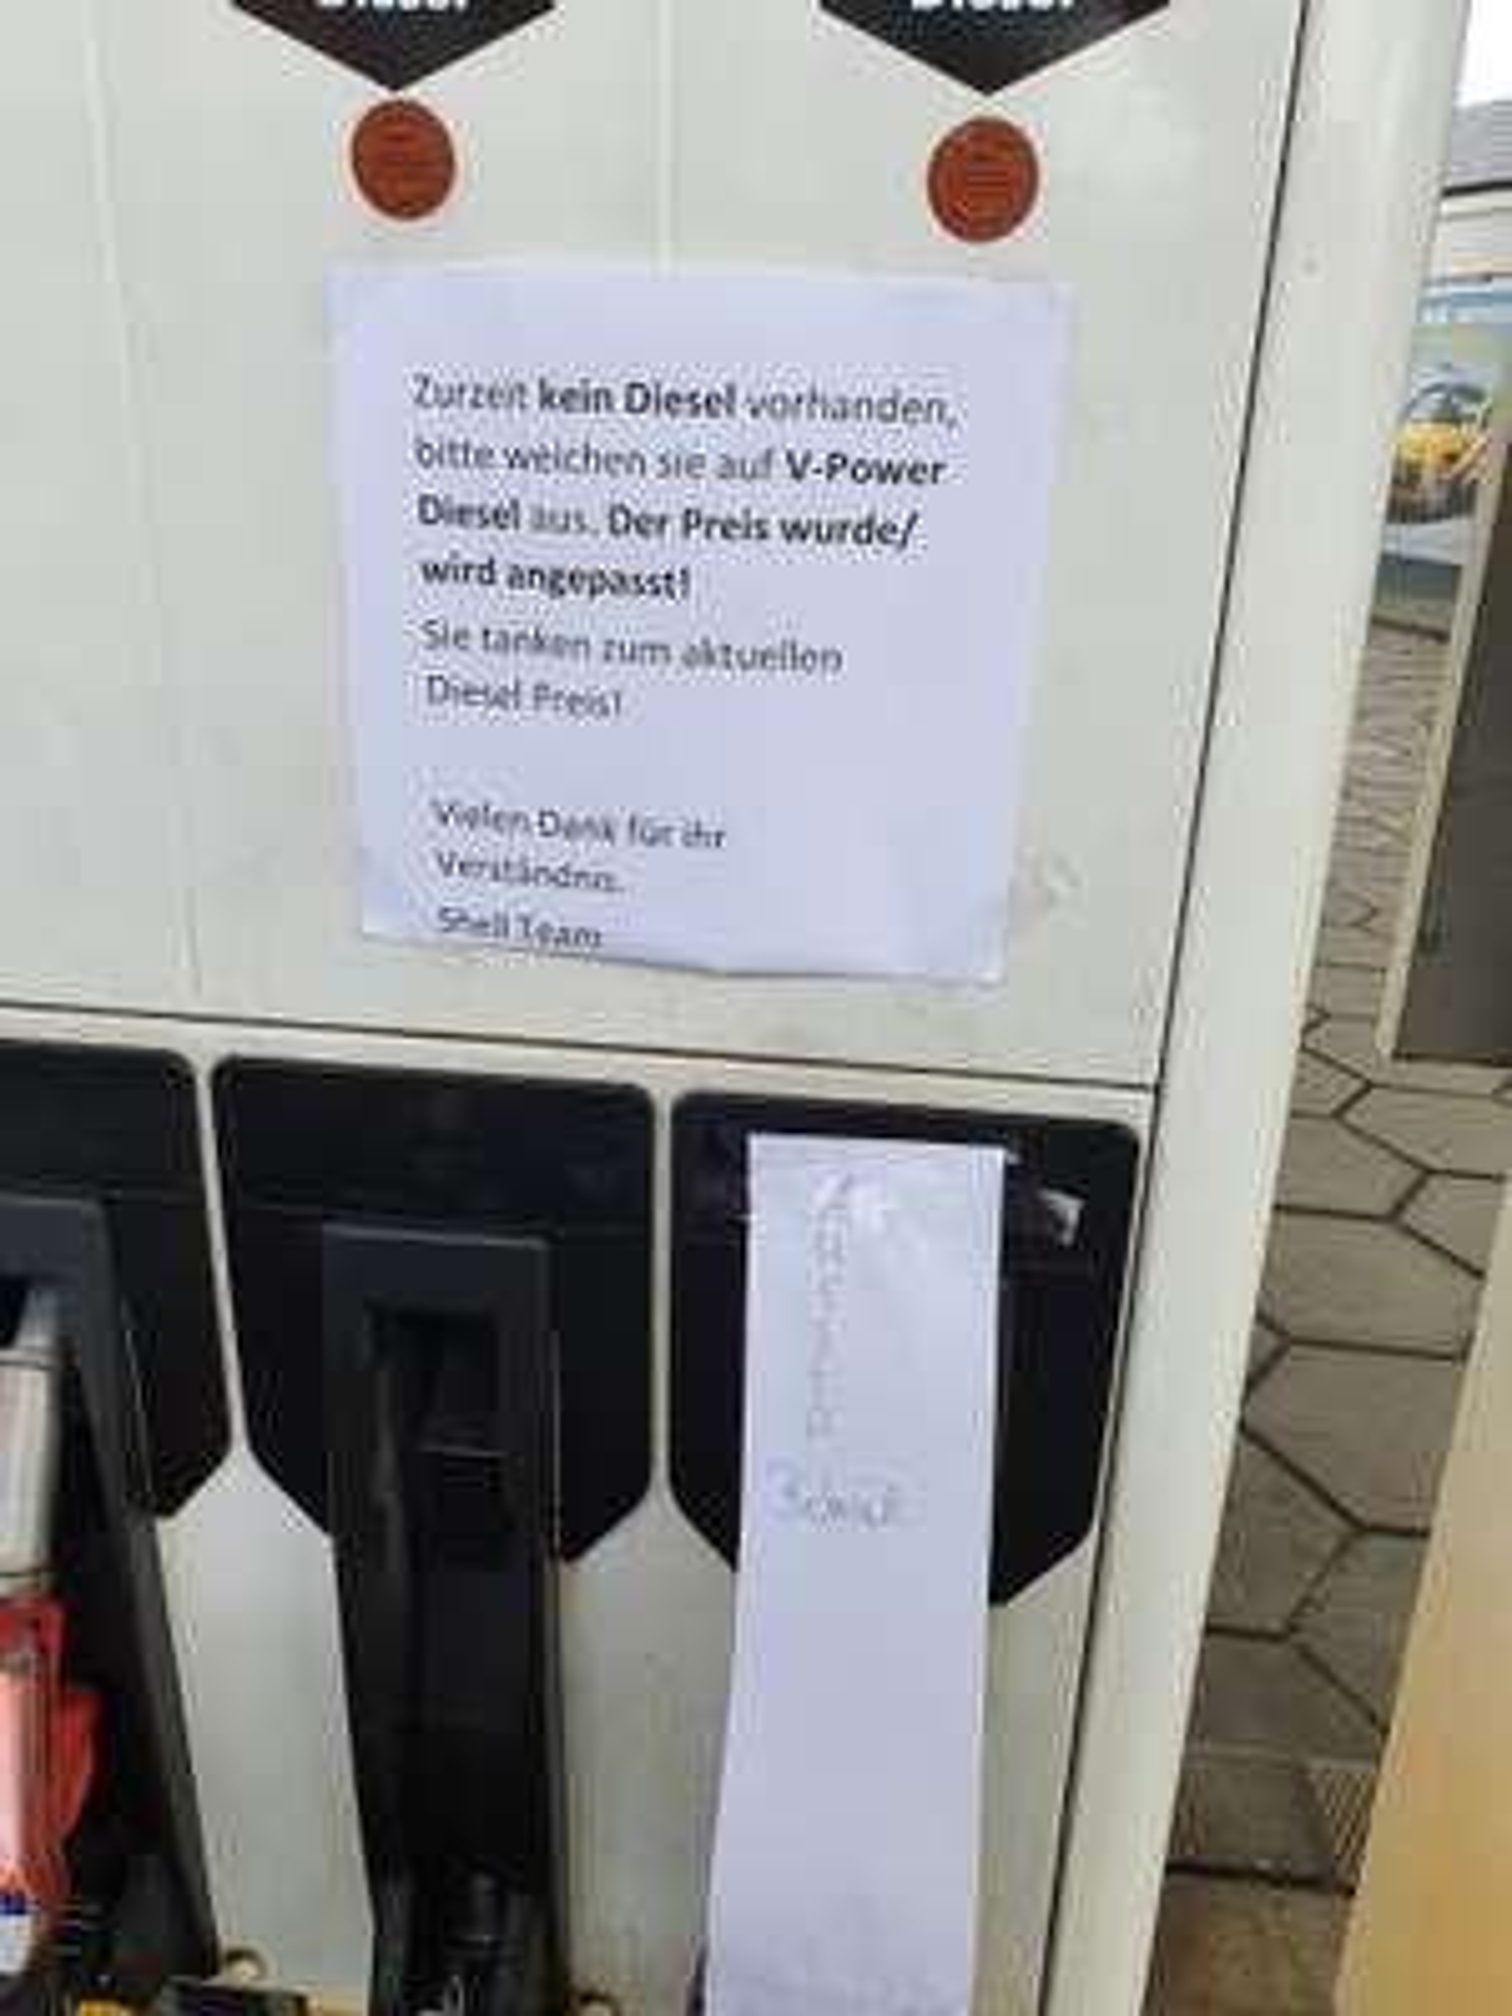 (Lokal - Hamburg Flottbek) V Power Diesel zum Diesel Preis